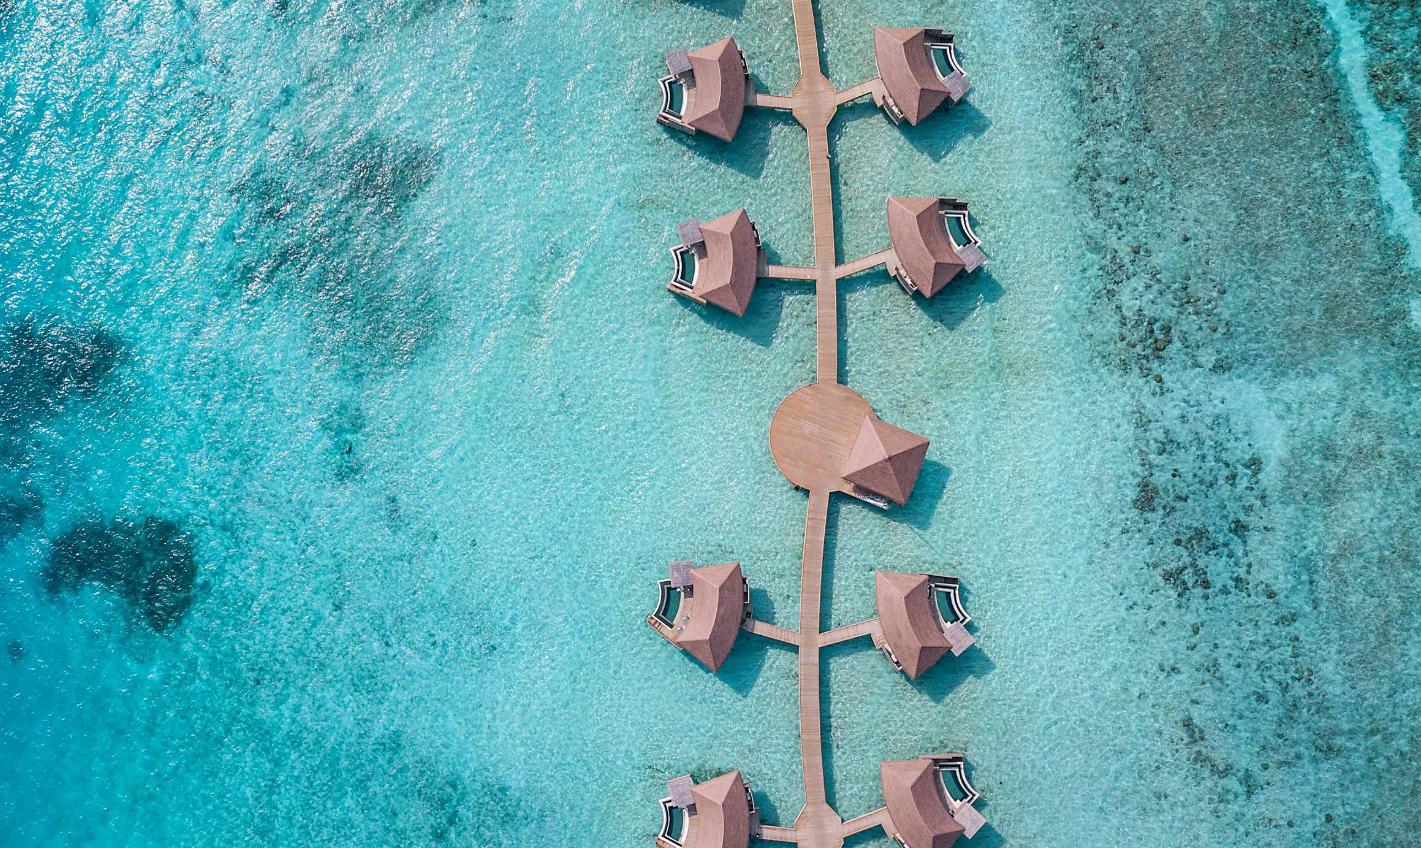 洲际酒店(ihg) InterContinental Maldives Maamunagau Resort 鸟瞰地图birdview map清晰版 马尔代夫